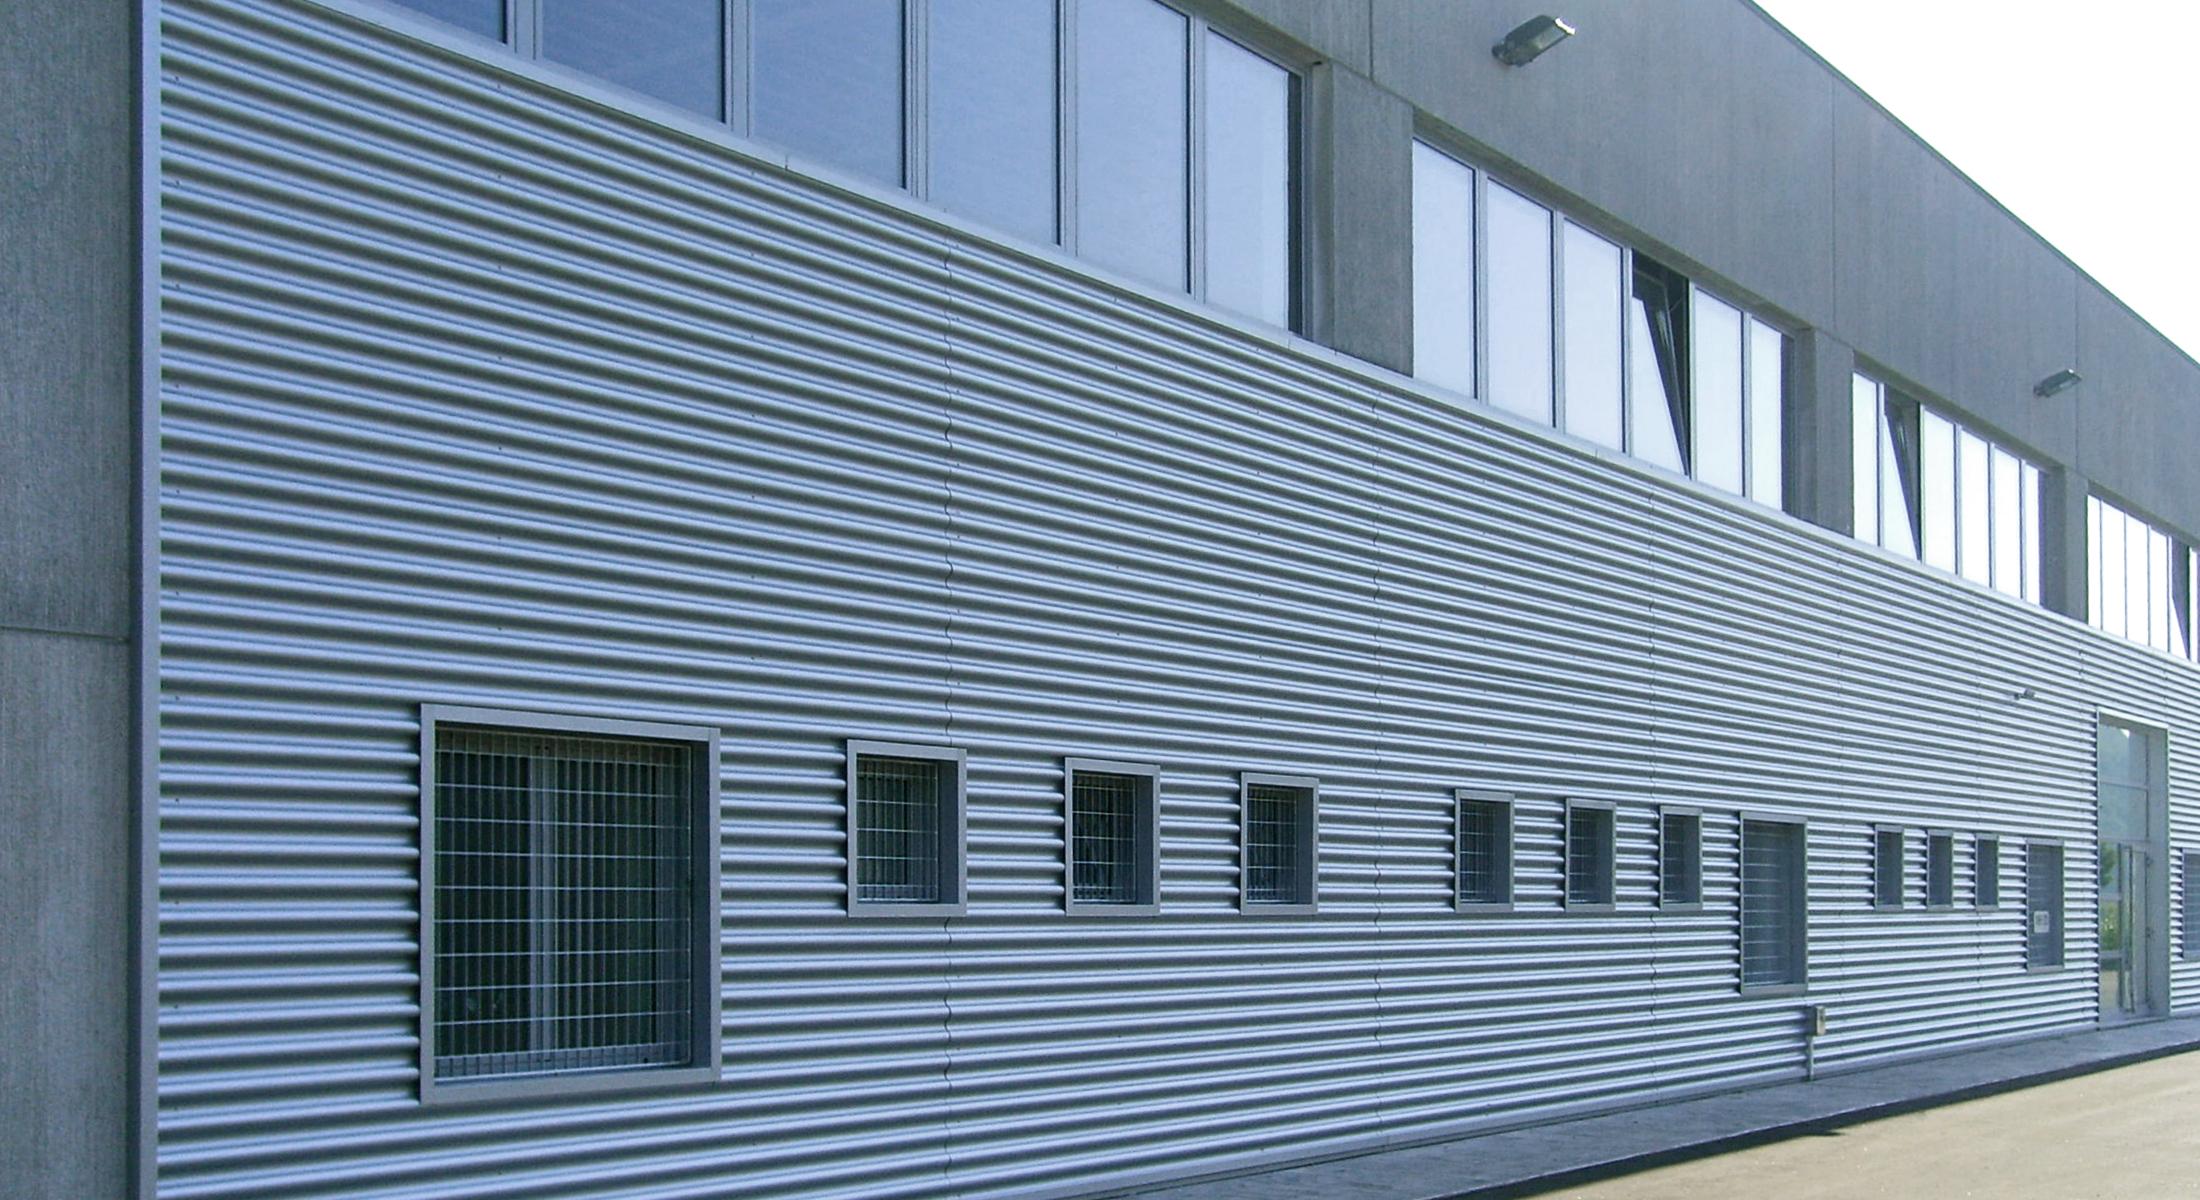 Rivestimenti per scale esterne ep22 regardsdefemmes rivestimento scala esterna rivestimento - Griglie per finestre esterne ...